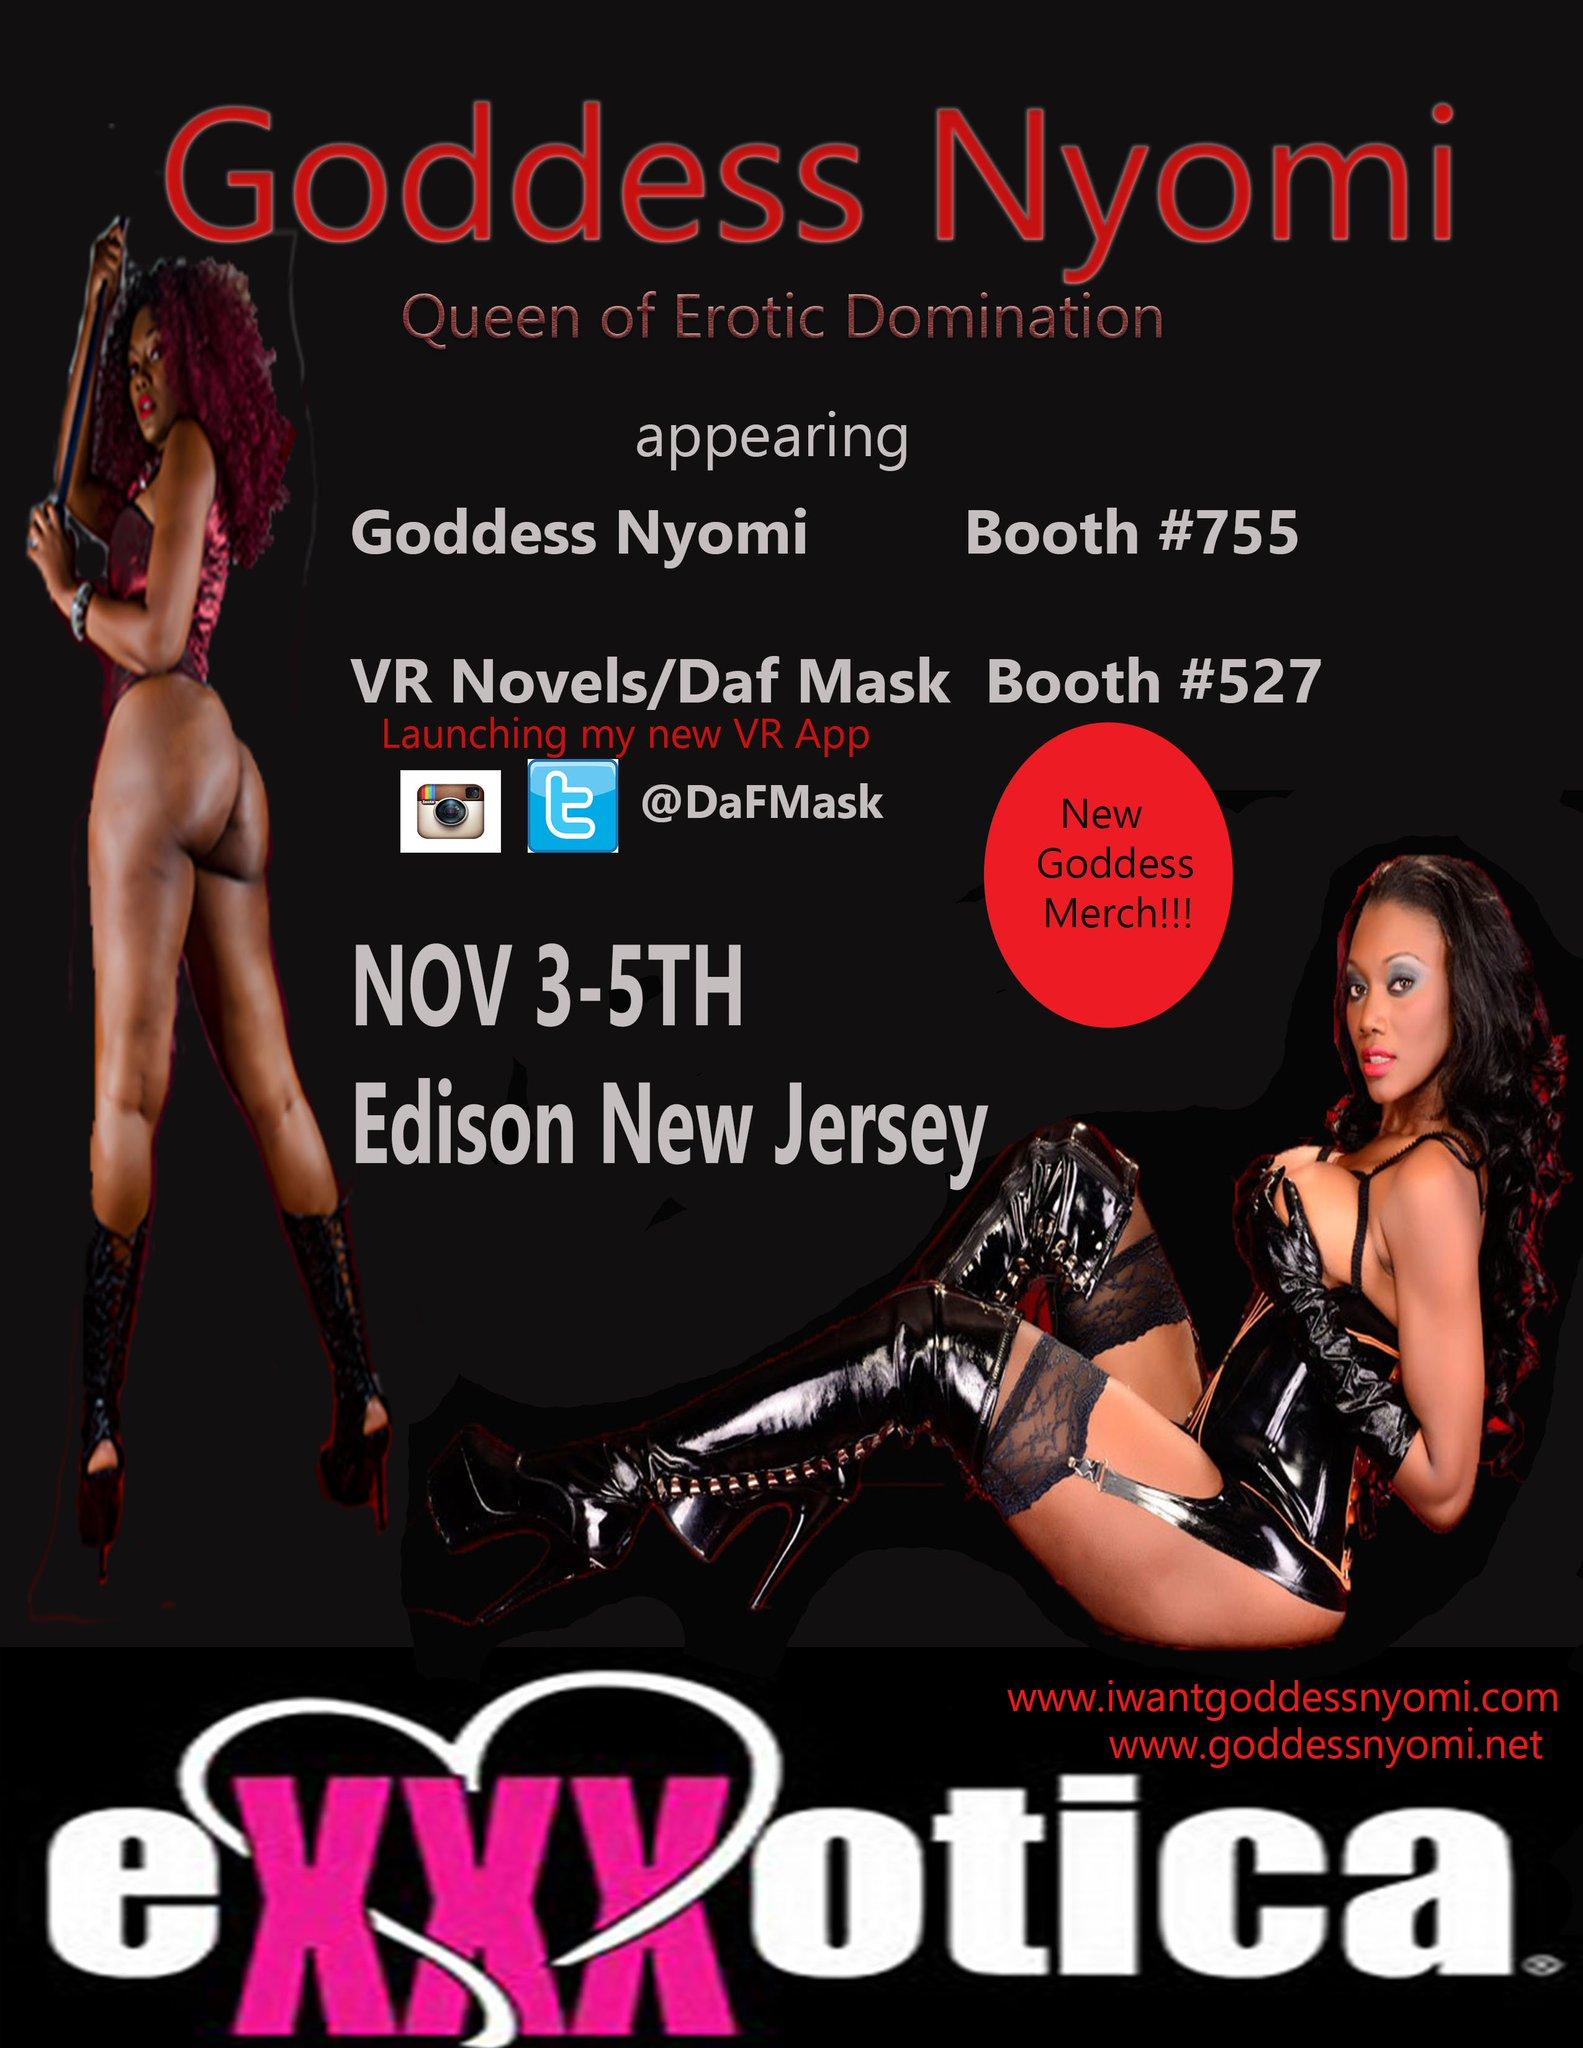 queens-of-erotica-marvel-women-heroes-naked